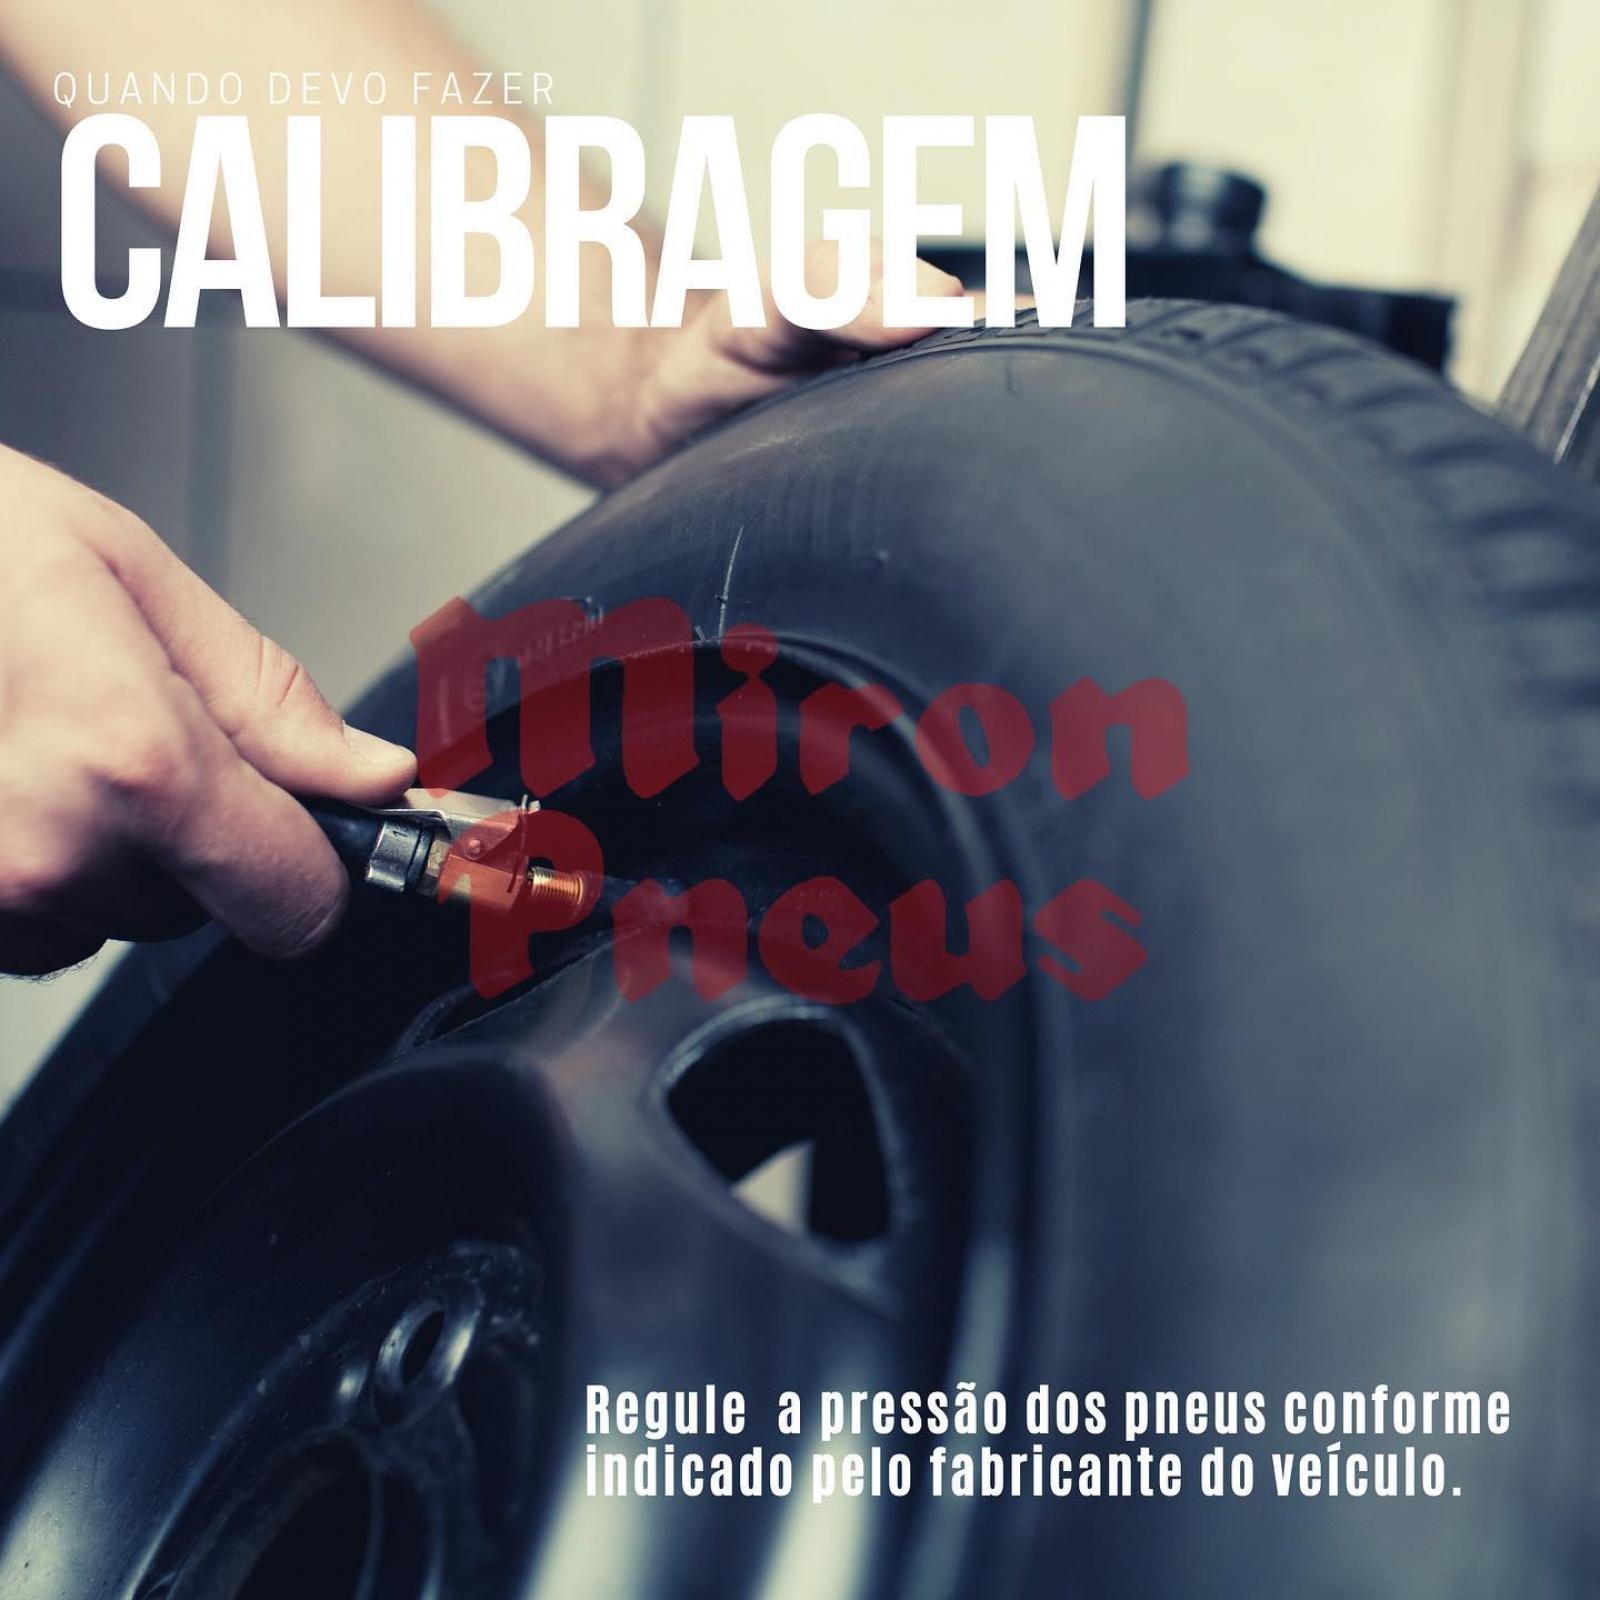 Calibragem